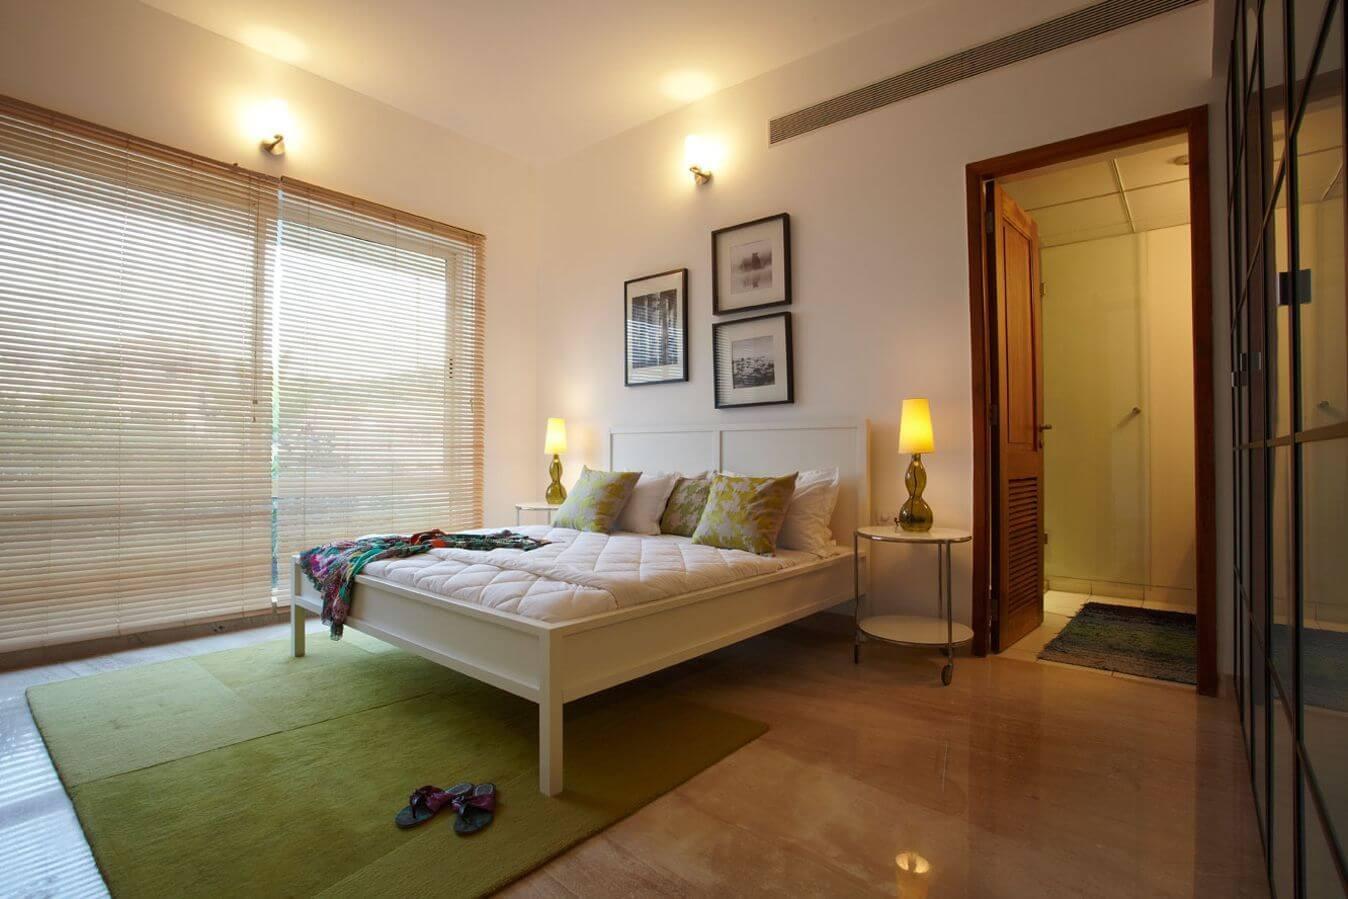 apartment-interiors-Picture-marvel-fria-2654649